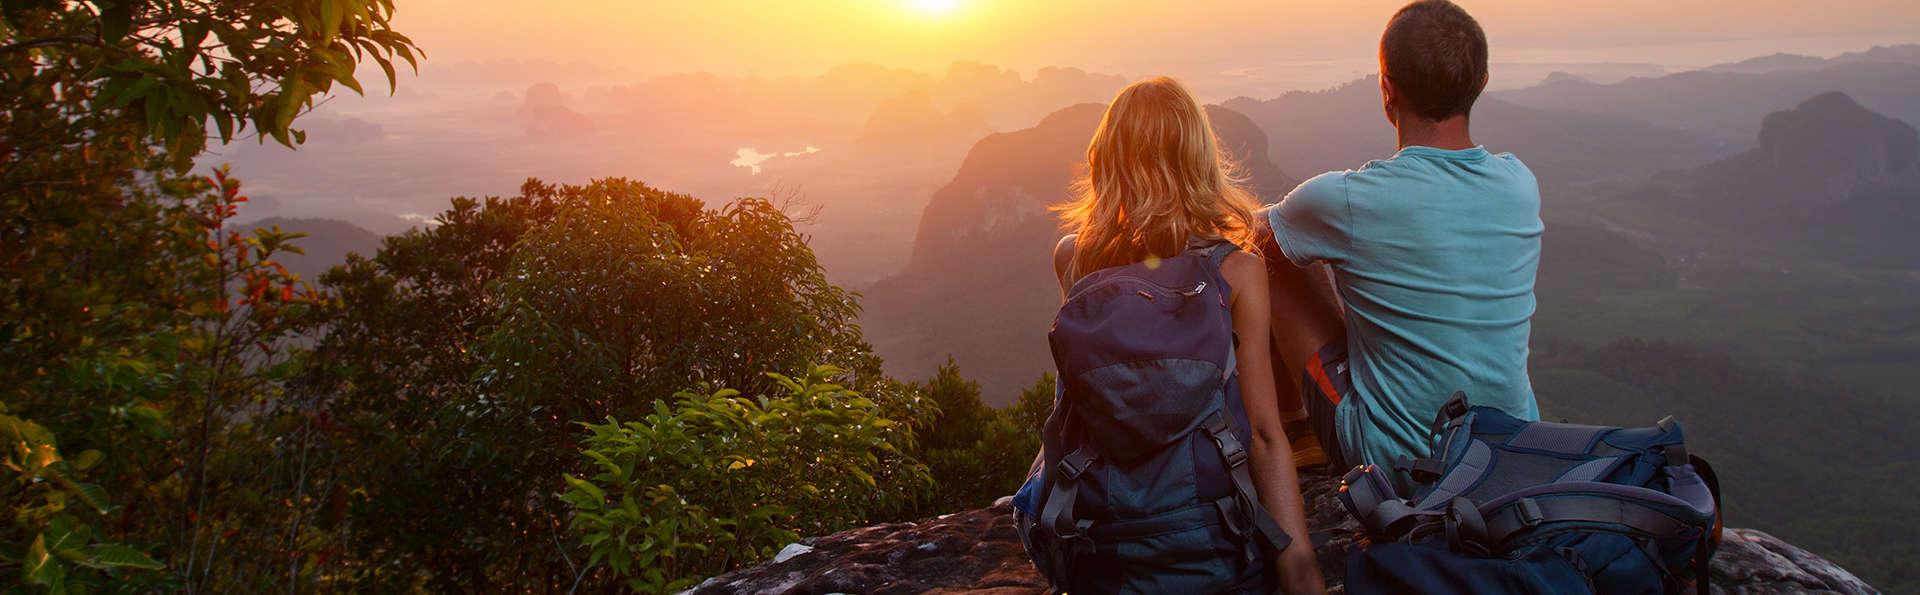 Escapada romántica con vistas a la montaña: Piscina termal, cava y bombones en plena naturaleza